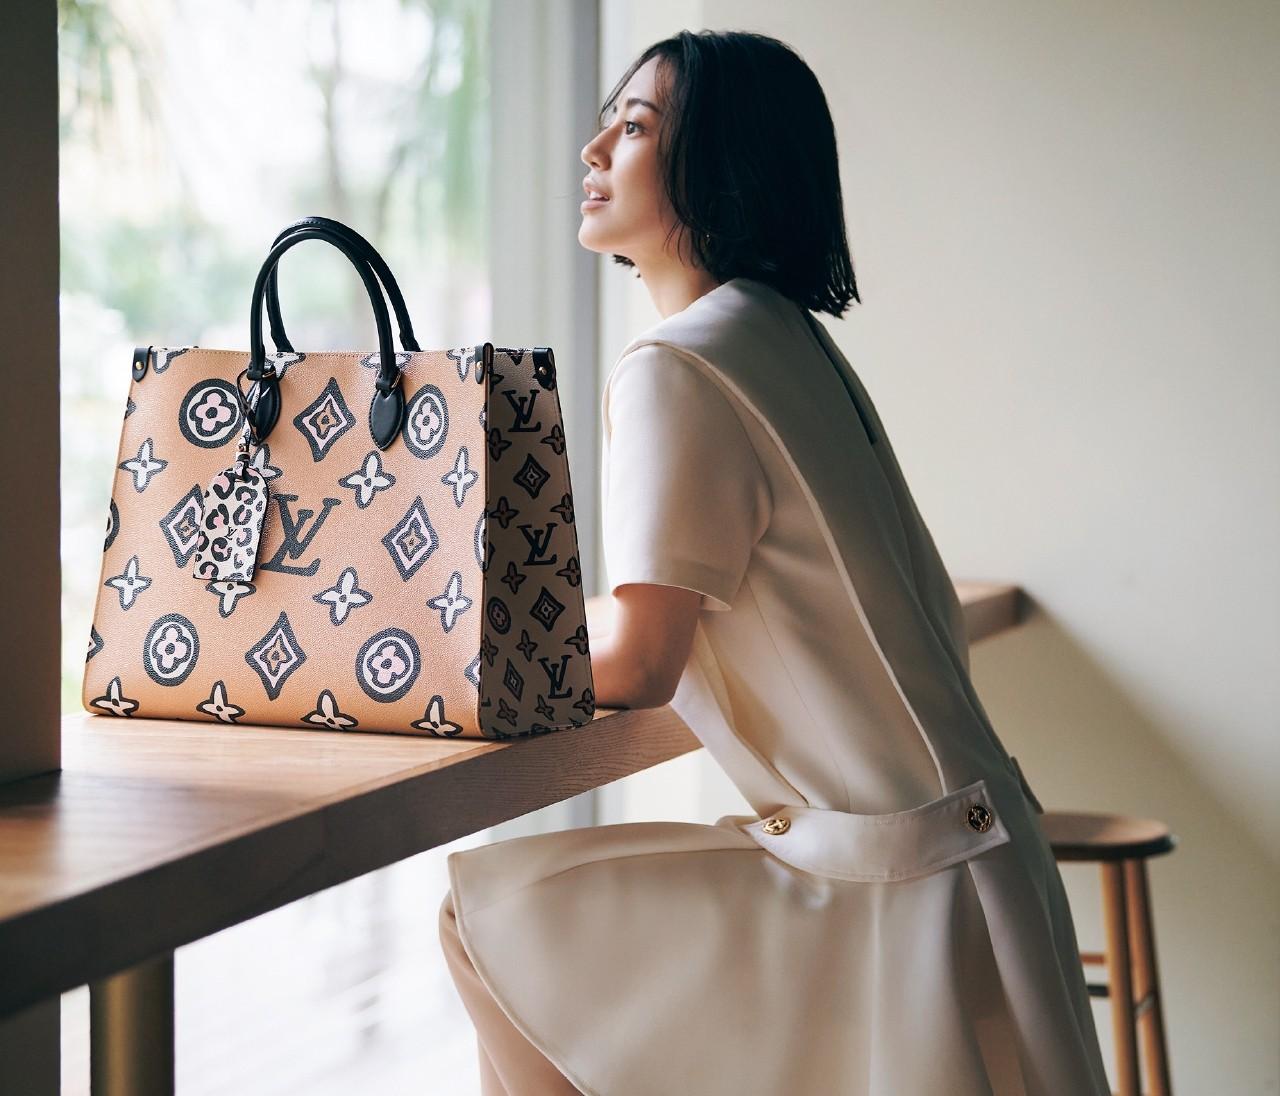 【ブランドの秋バッグ】シャネル、ディオールのミニバッグからルイ・ヴィトン、グッチのトートバッグまで最新作はこちら!